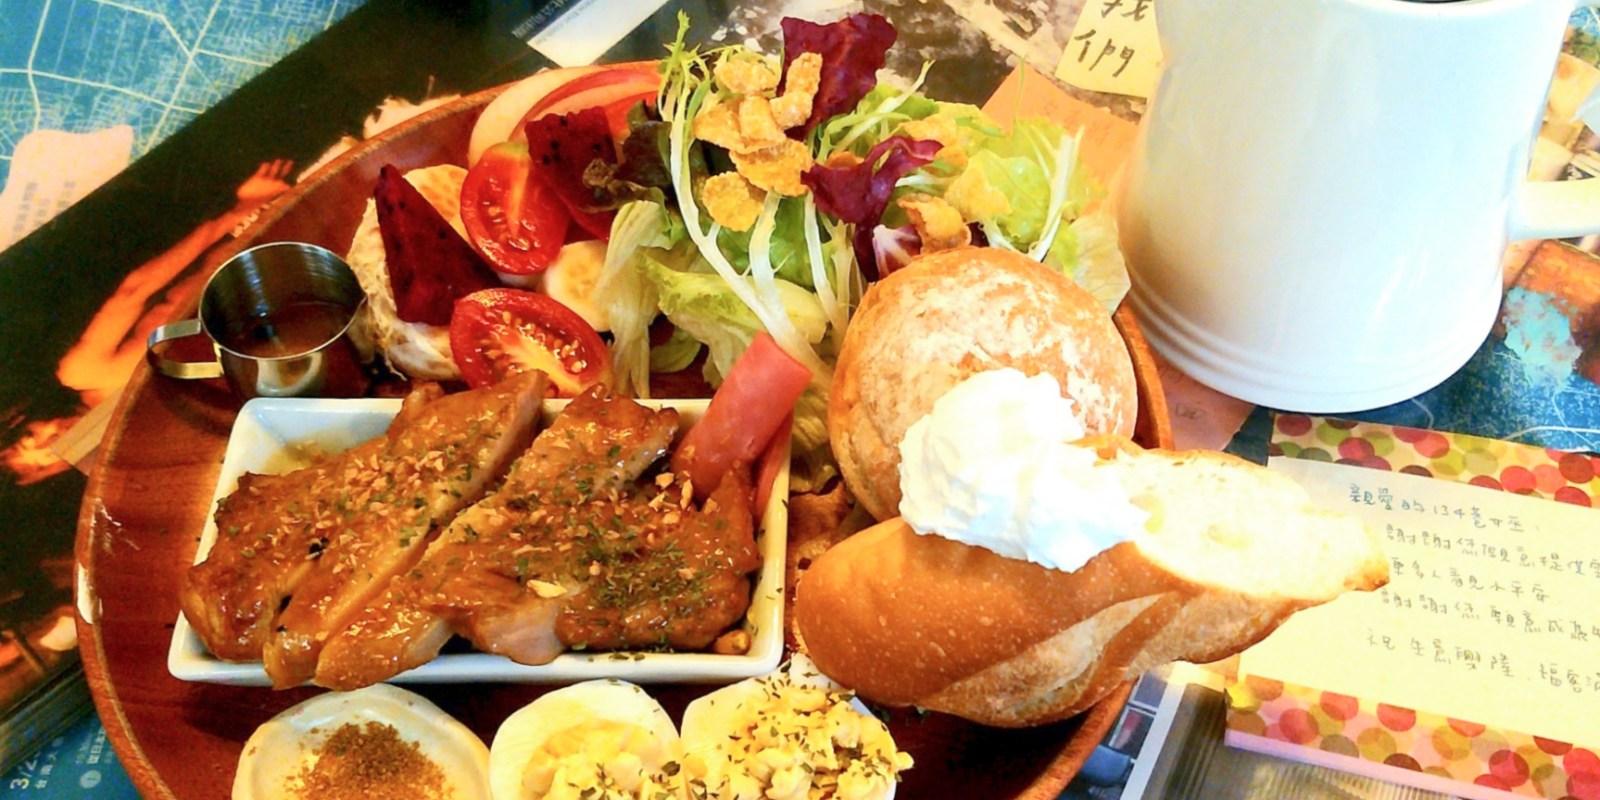 台南早午餐推薦,東寧路巷弄老宅的隱藏版咖啡館「134巷內的女巫」